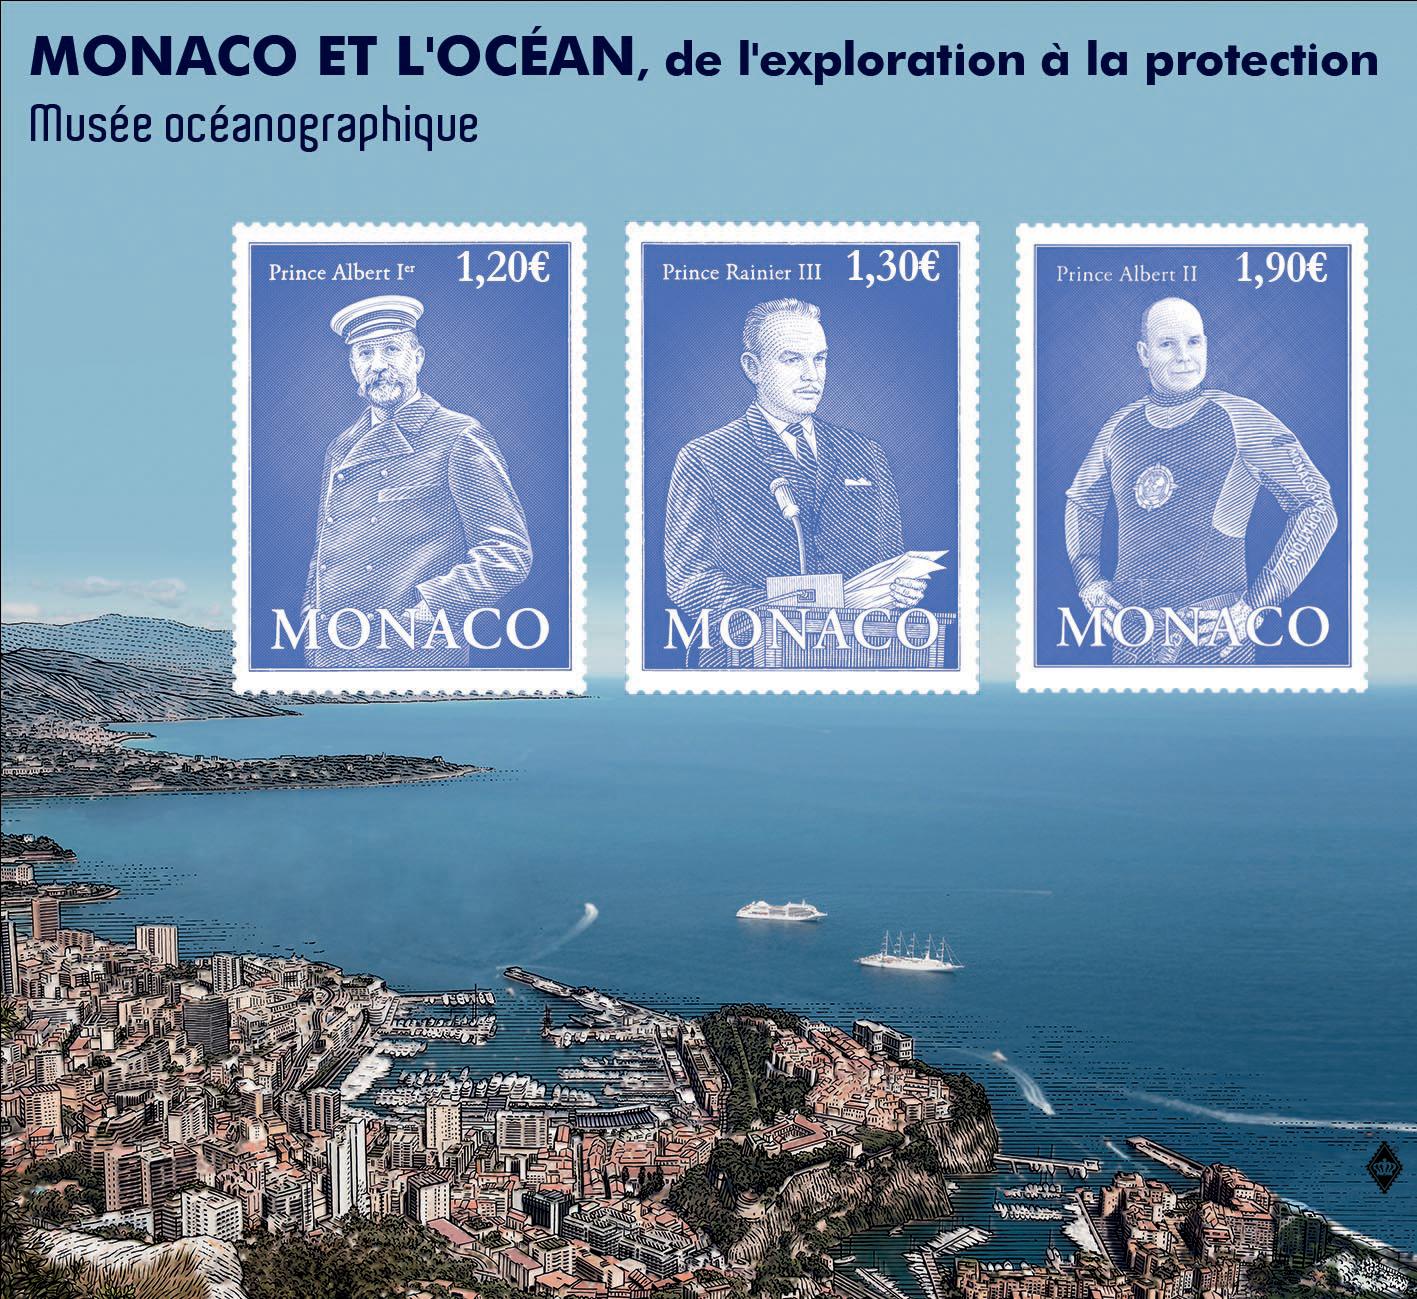 摩纳哥7月6日发行摩纳哥和海洋-从探索到保护展览小全张